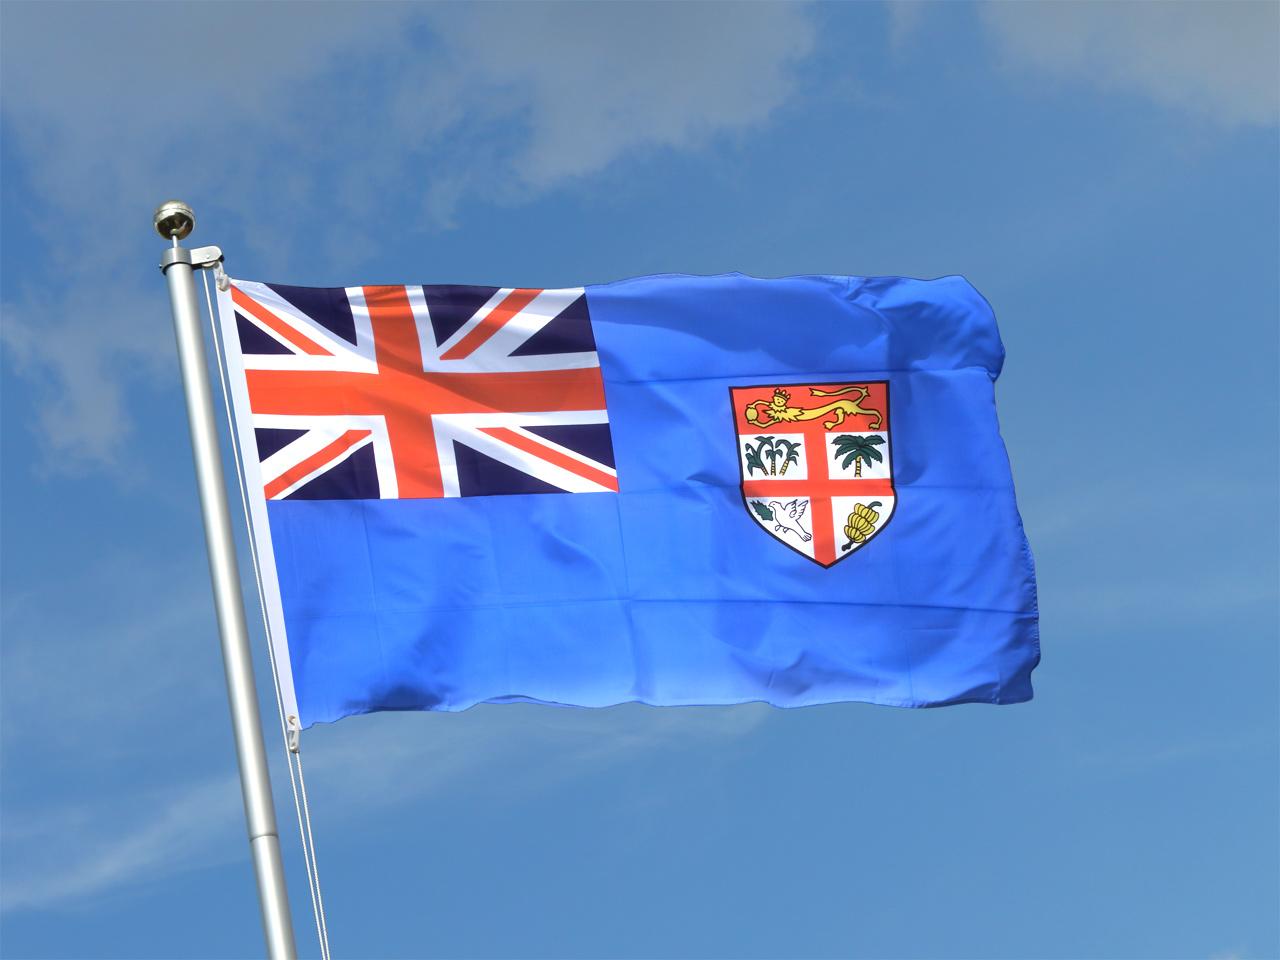 iles-fidji-drapeau